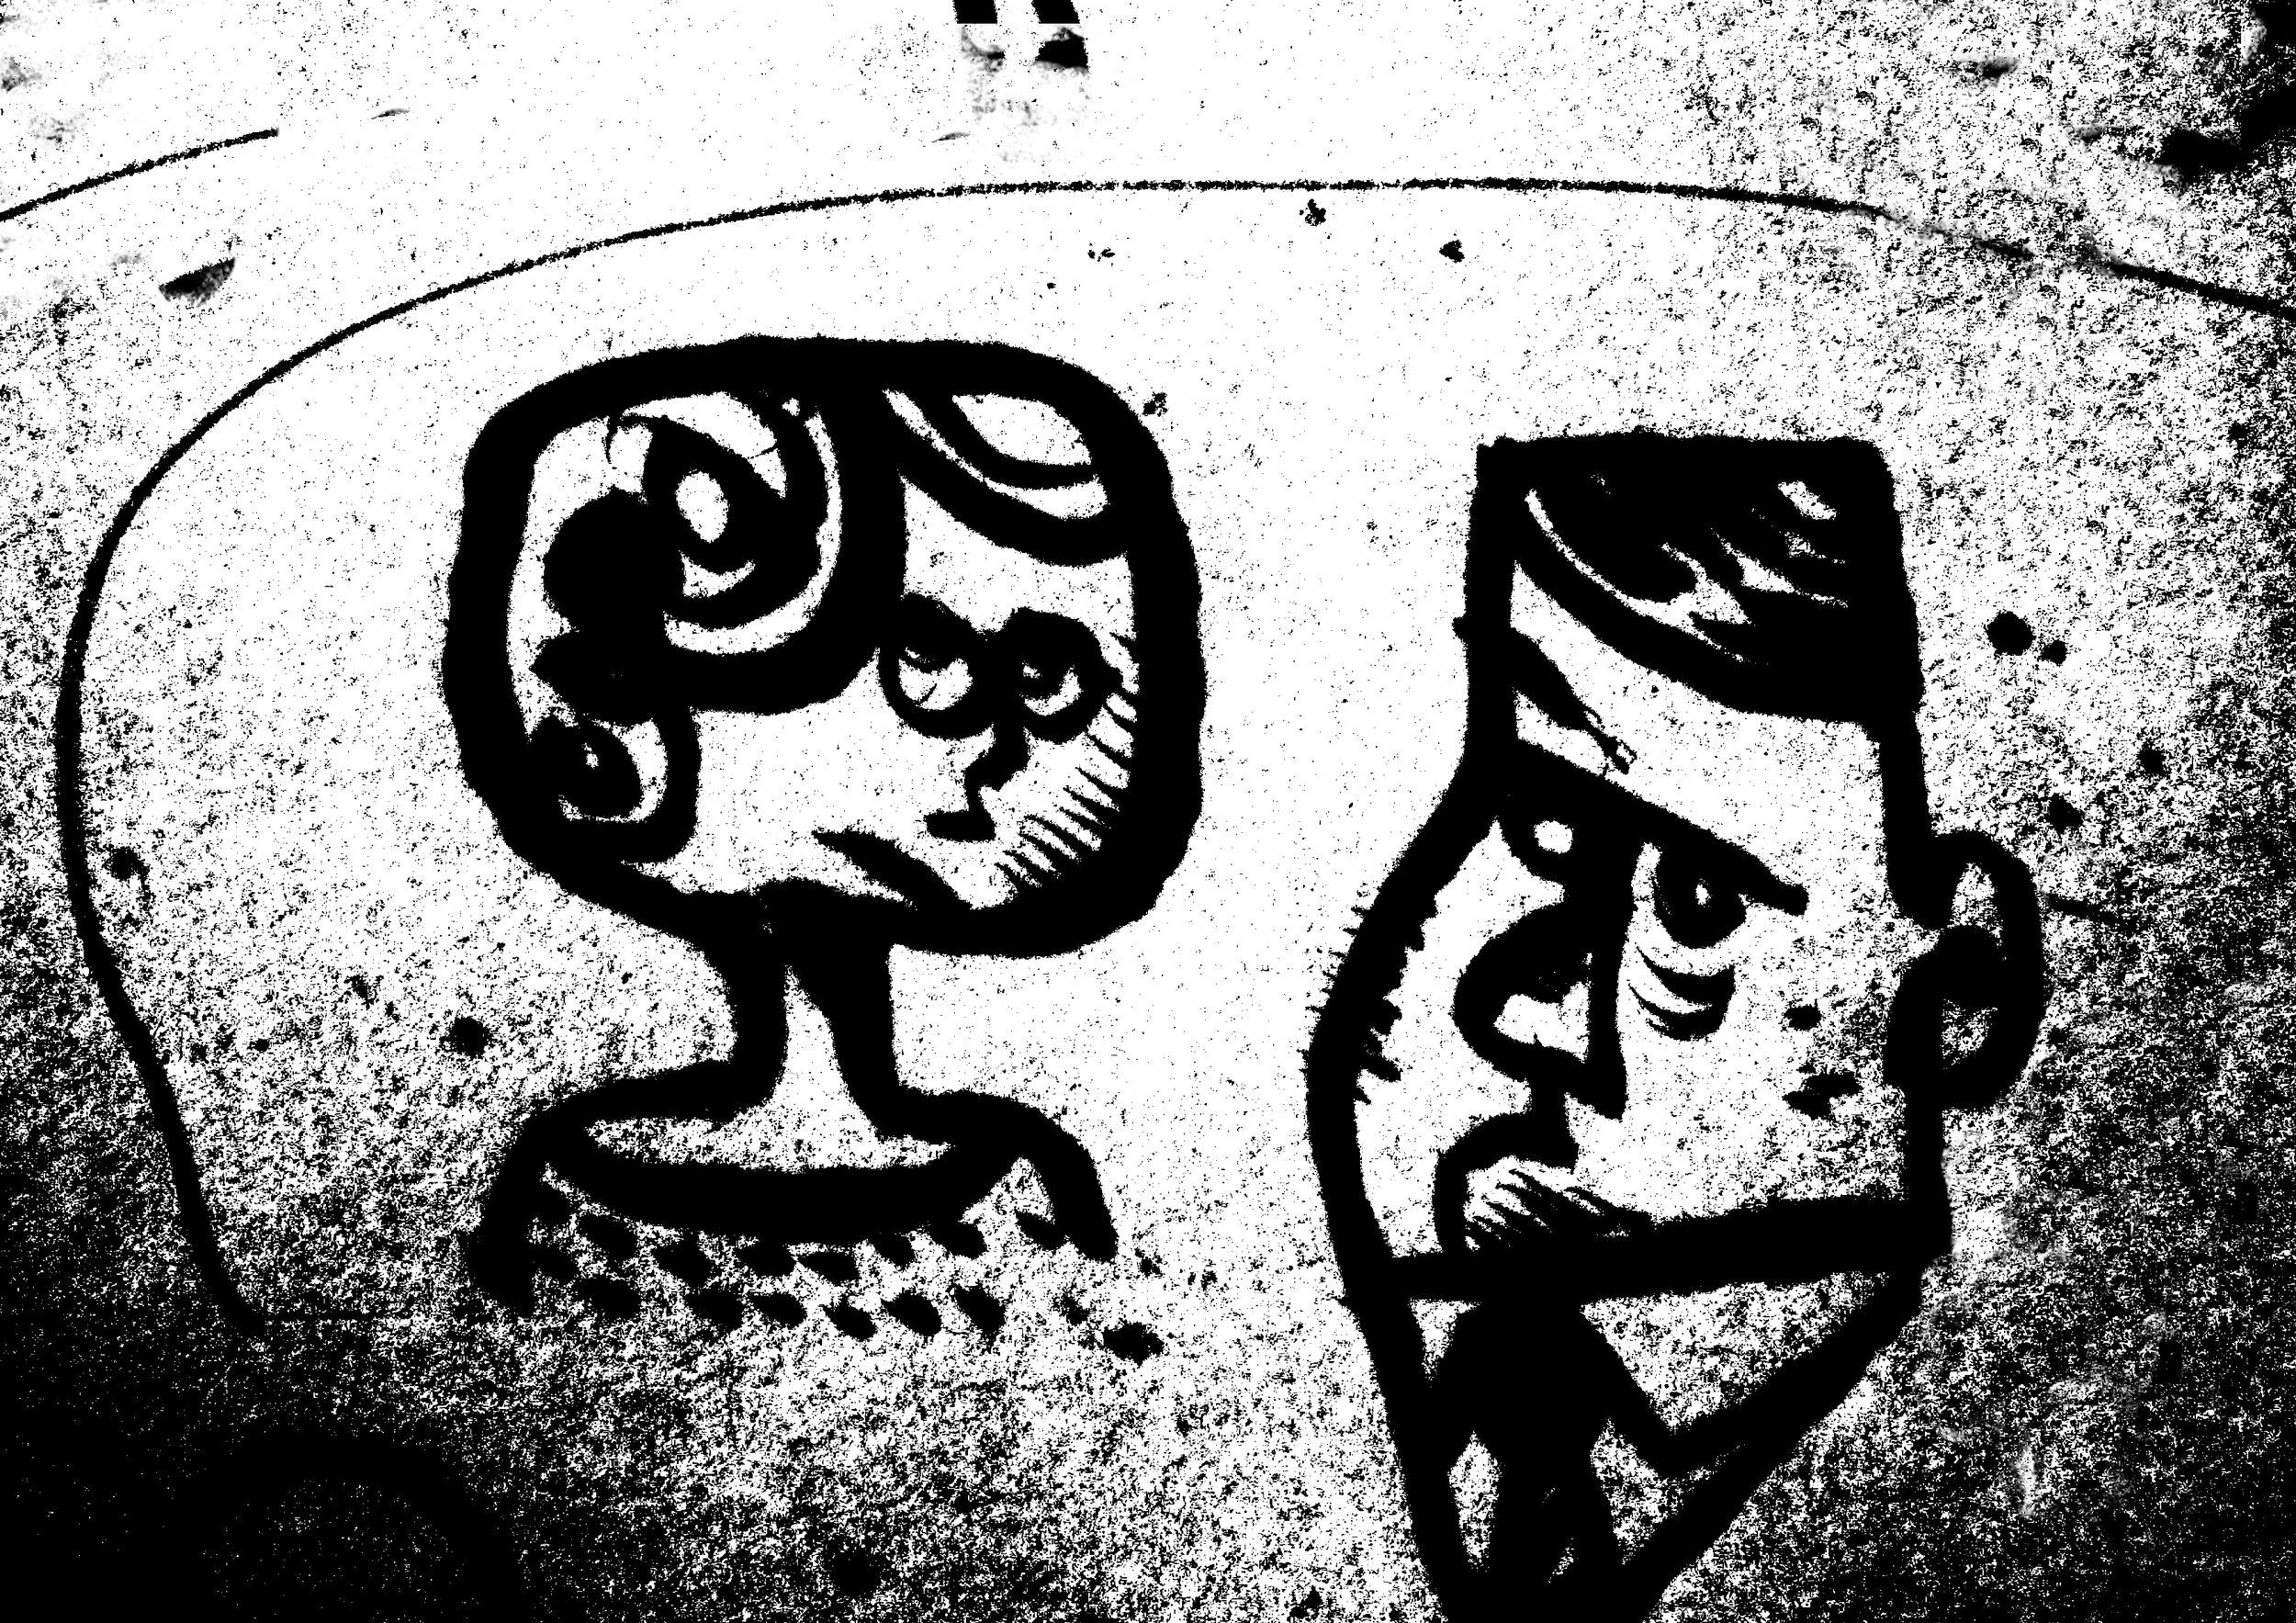 bw_heads_001.jpg